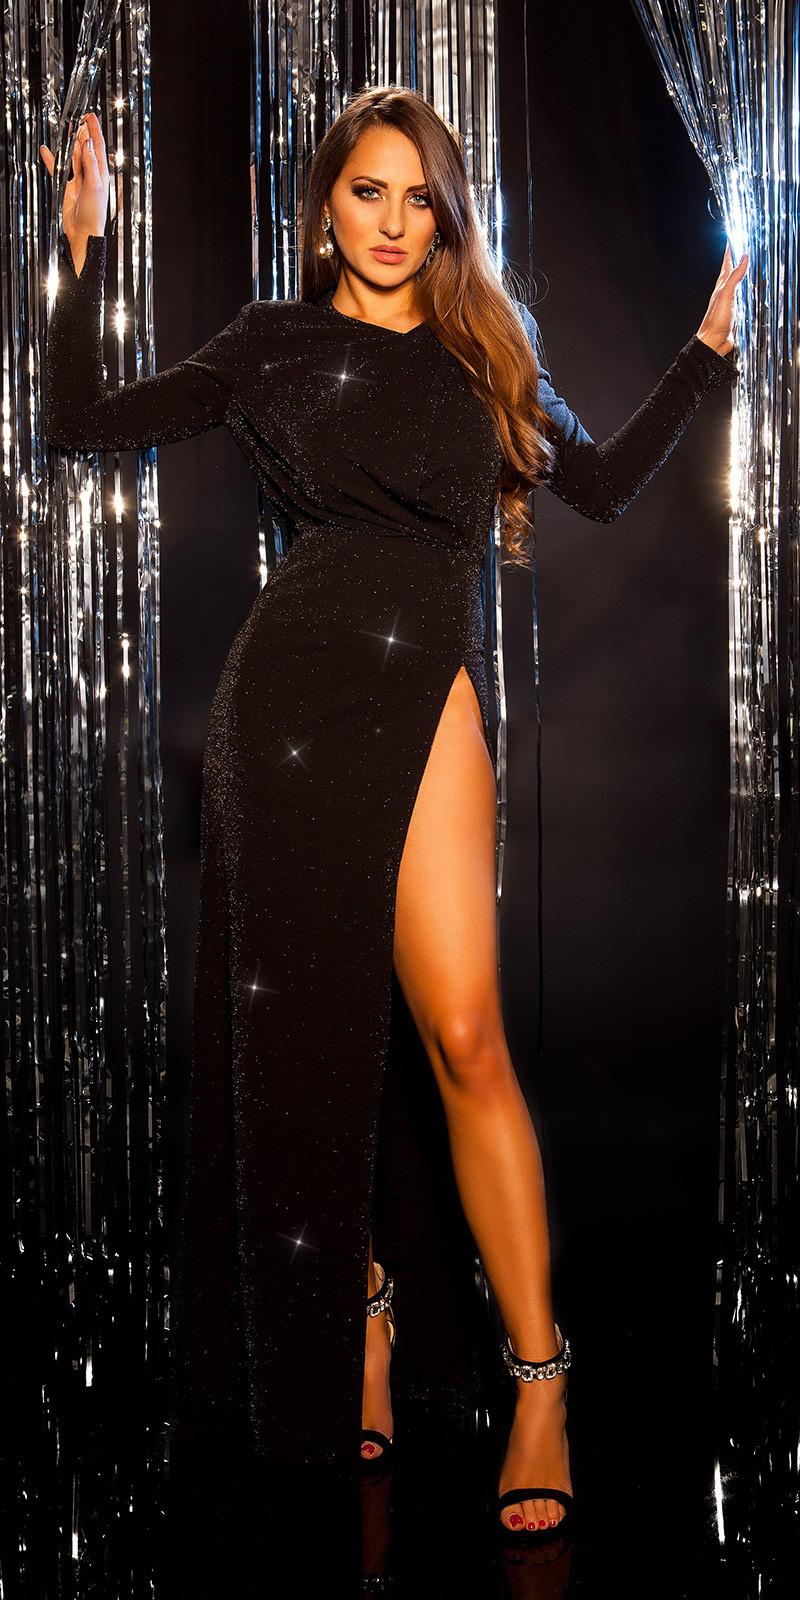 Sexy rode-loper avond jurk met schoduer pads zwartzilver